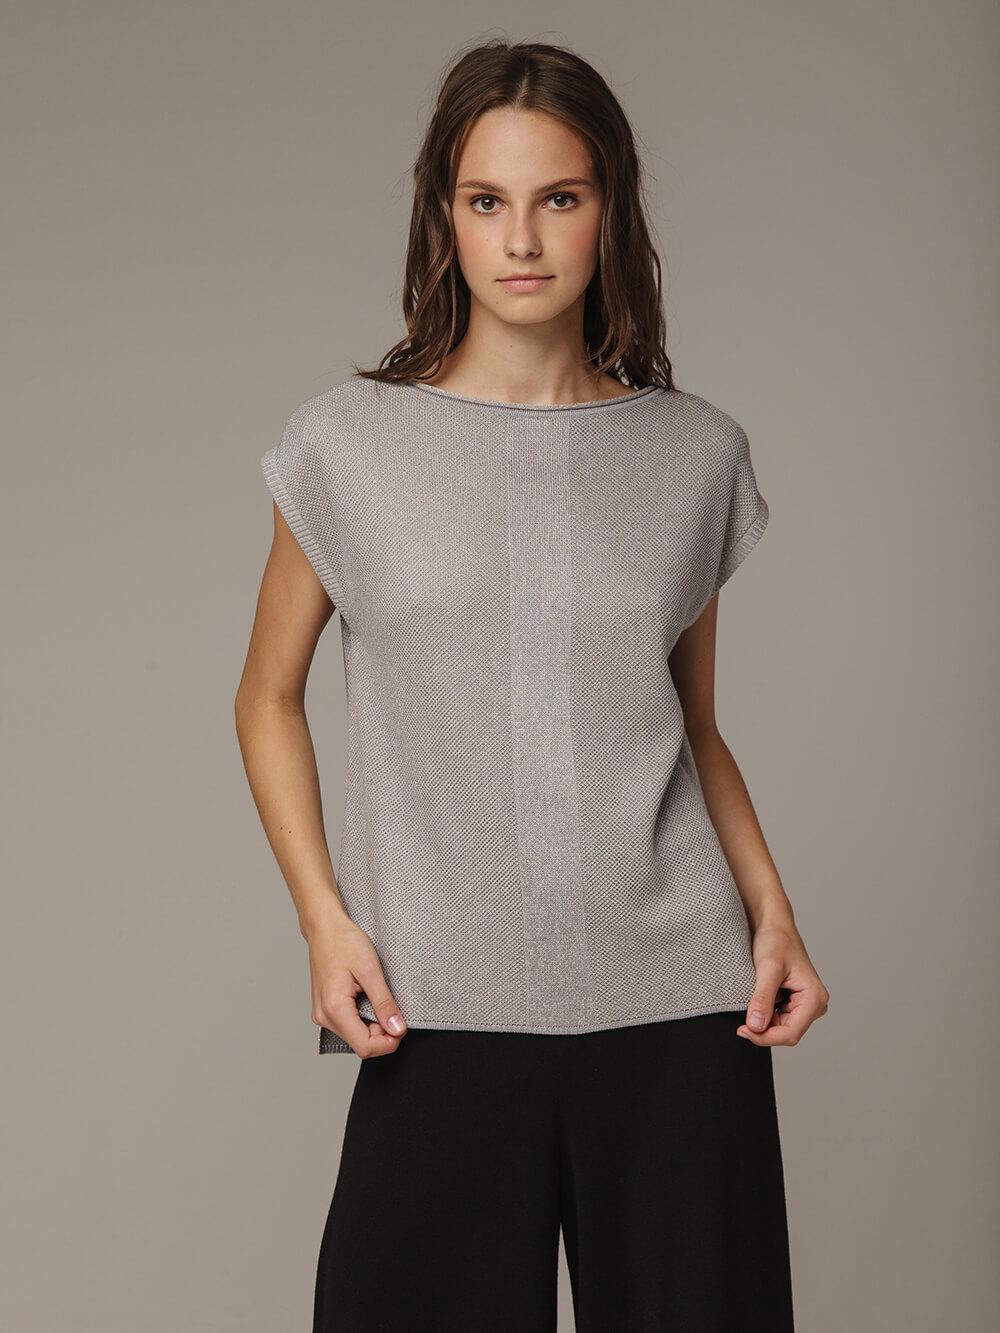 Женский джемпер серого цвета с удлинением по спинке